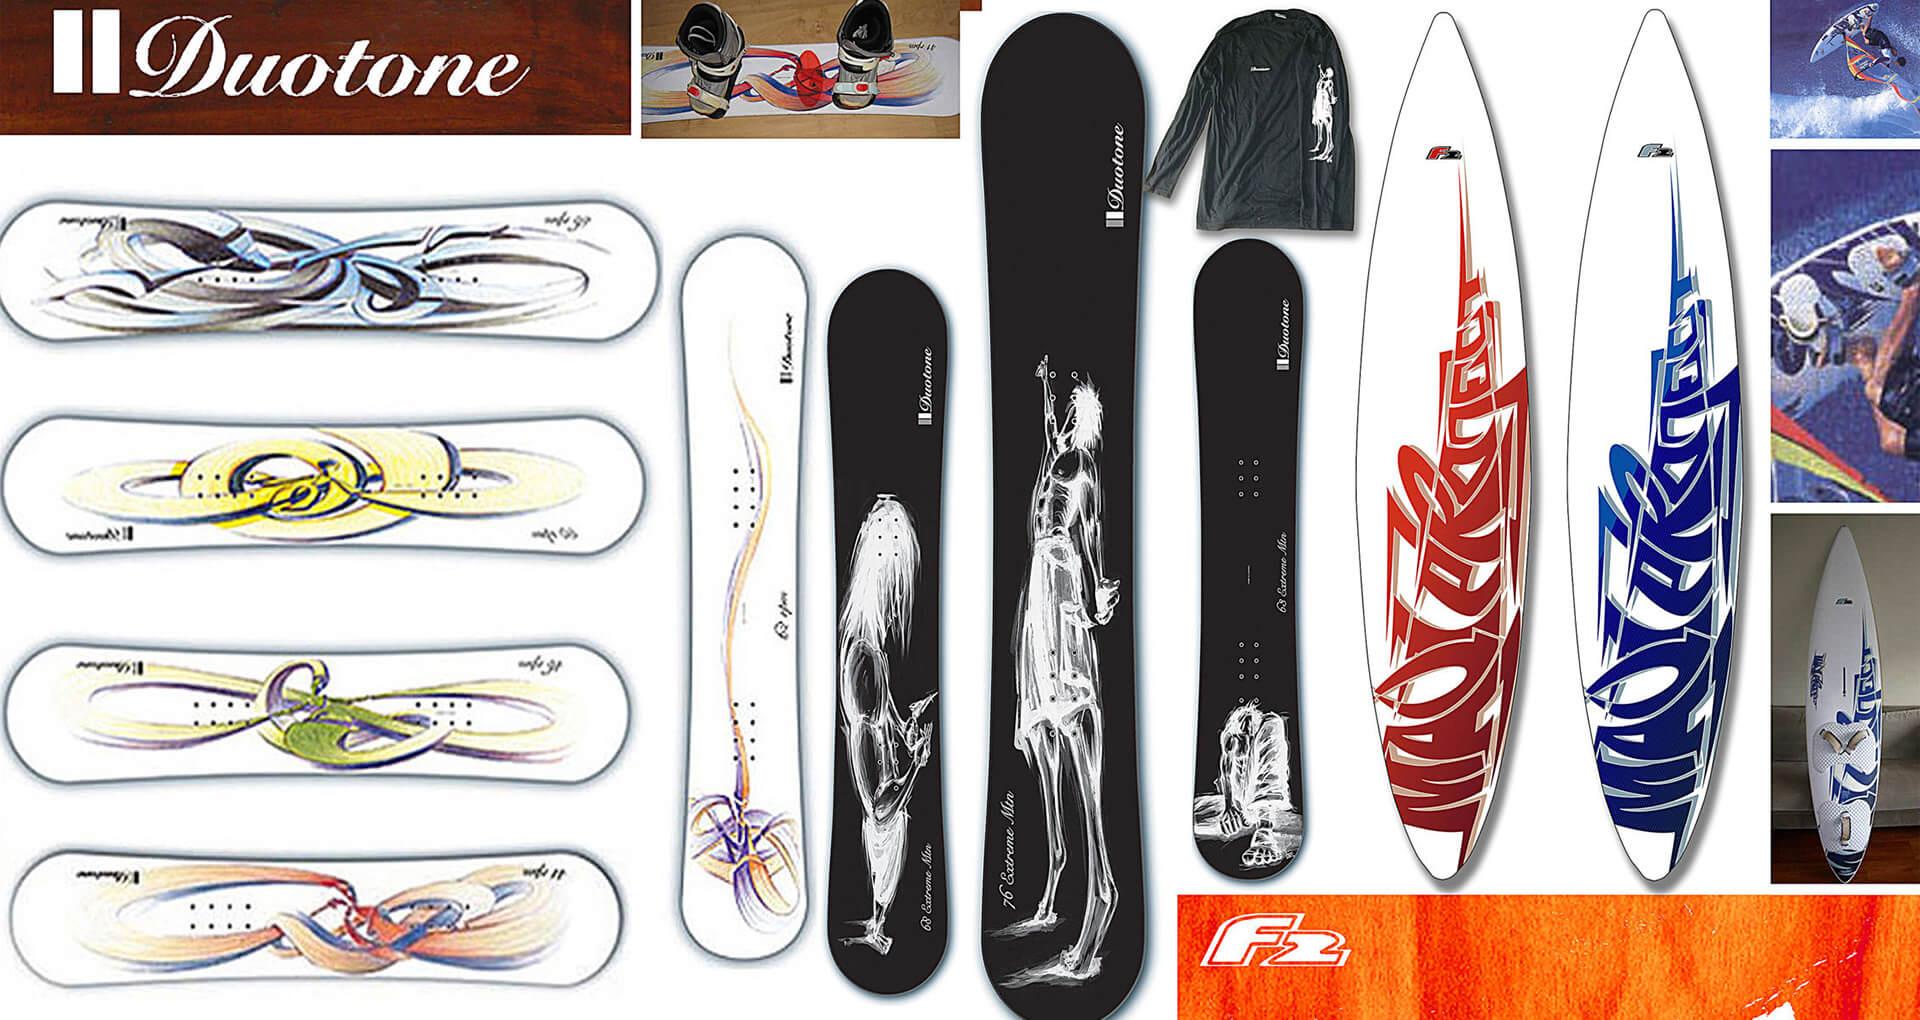 produkt design münchen bali taschen accessories snowboards surfbaords hats gloves bags shoes sandals 3